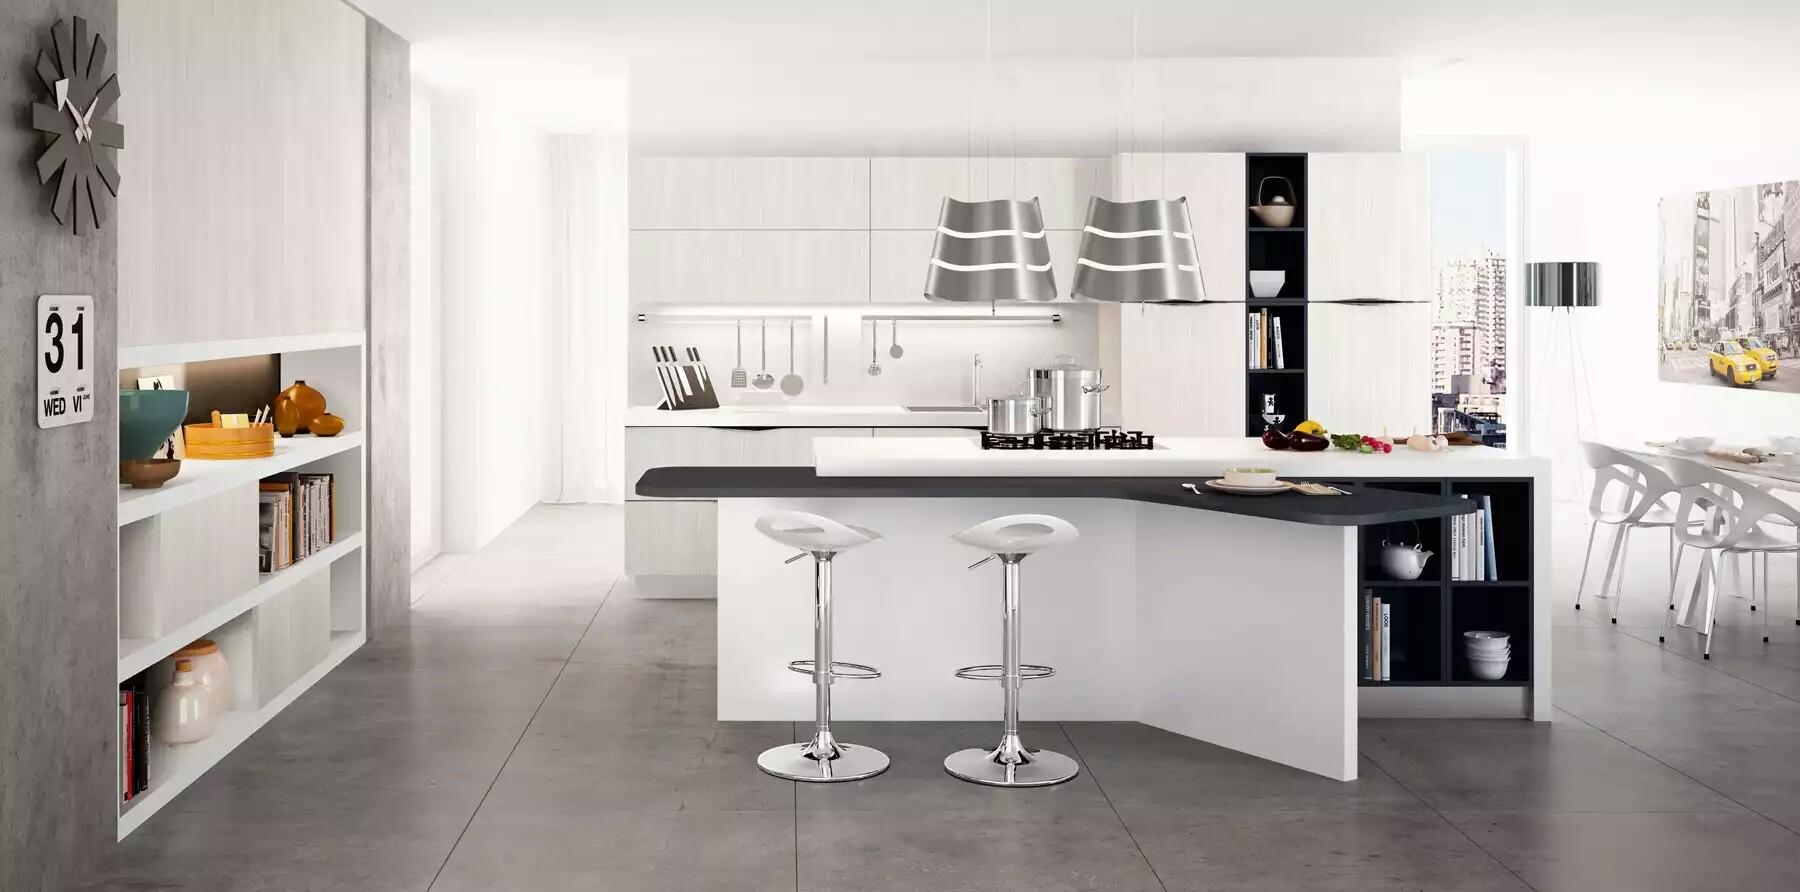 Bright And Sunny Kitchen Design Ideas